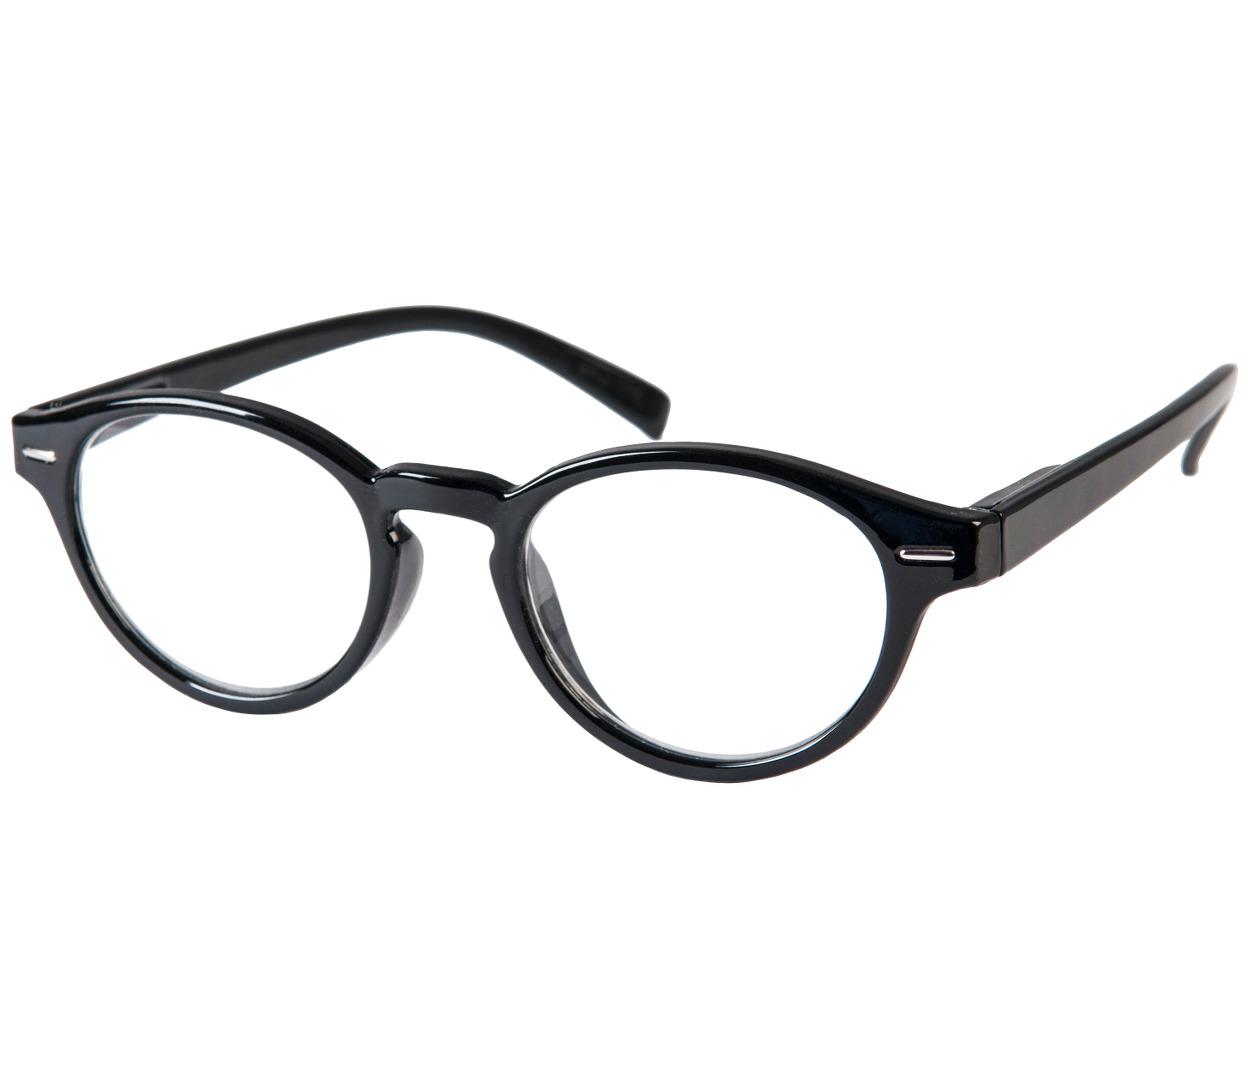 Main Image (Angle) - Espresso (Black) Retro Reading Glasses